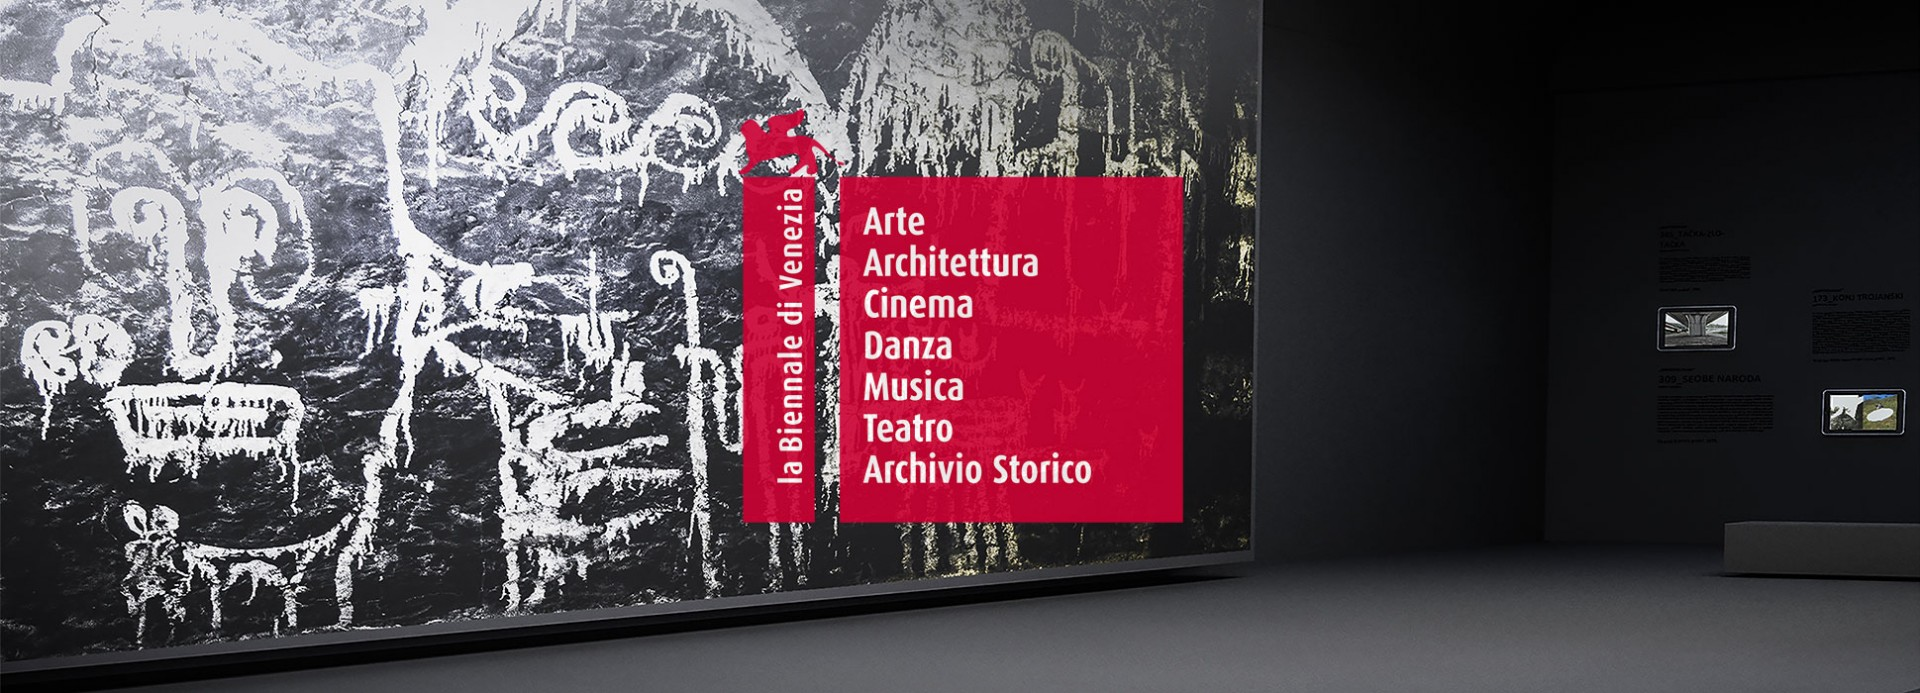 Финални радови конкурса за пројекат представљања Републике Србије на Бијеналу архитектуре у Венецији 2018.